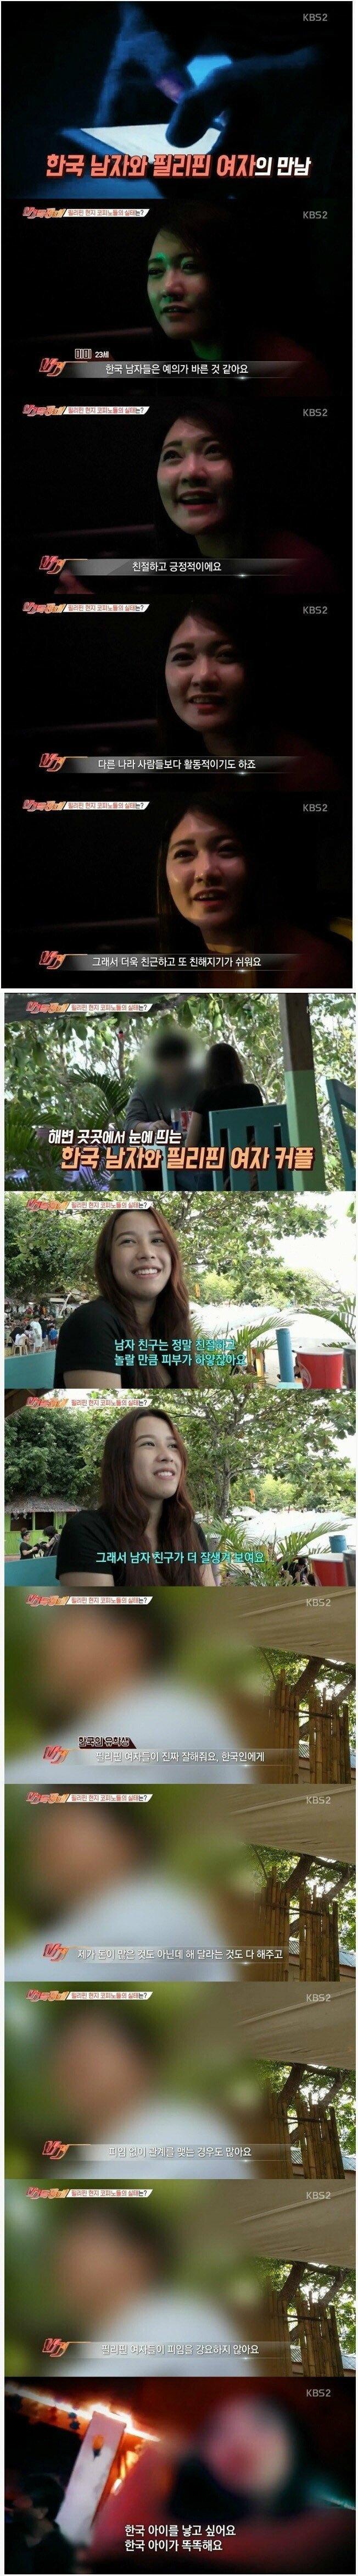 필리핀 여자들이 한국 남자를 선호하는 이유.jpg